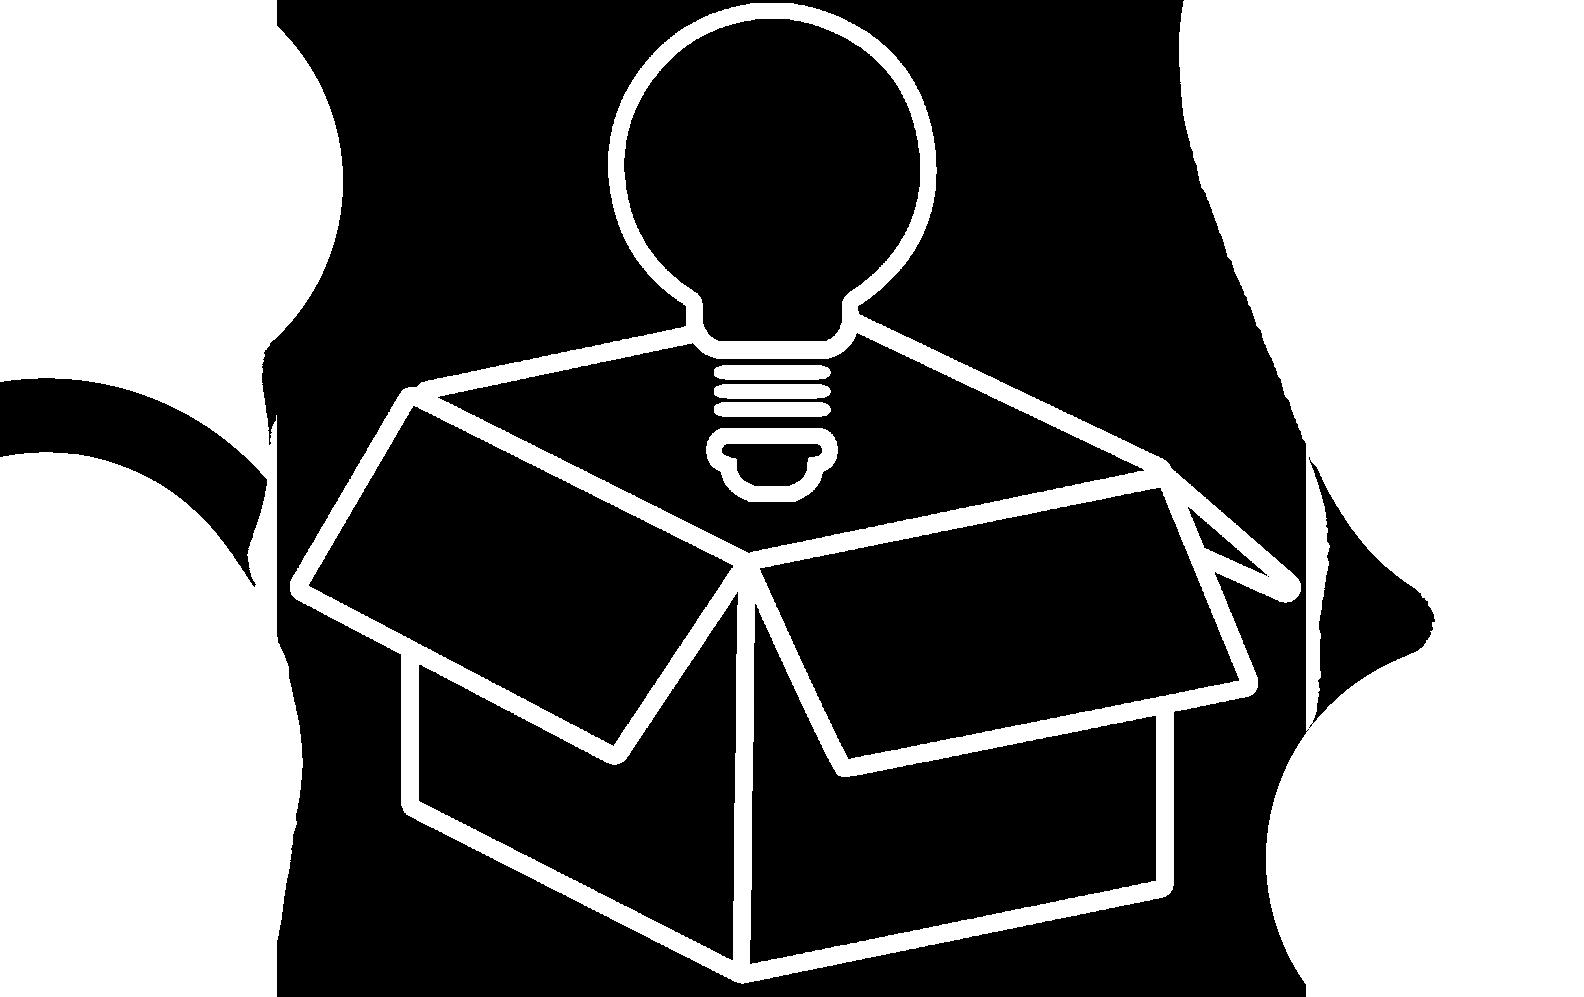 Auspacken Icon